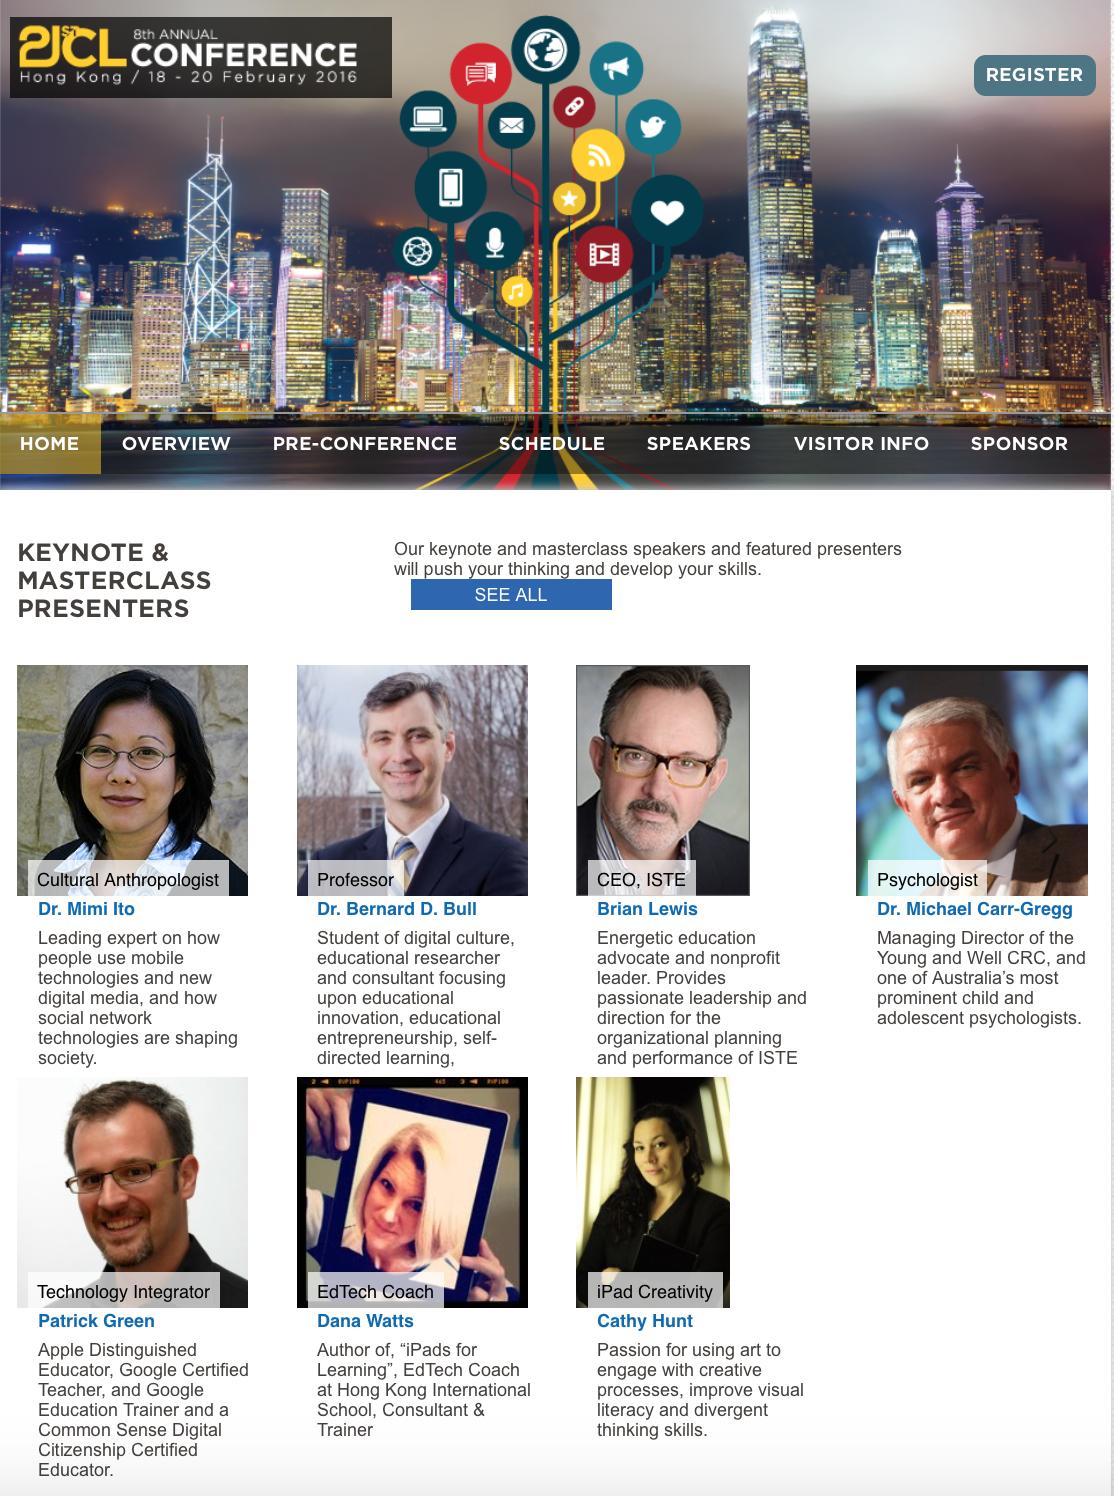 ipad art ed in Hong Kong